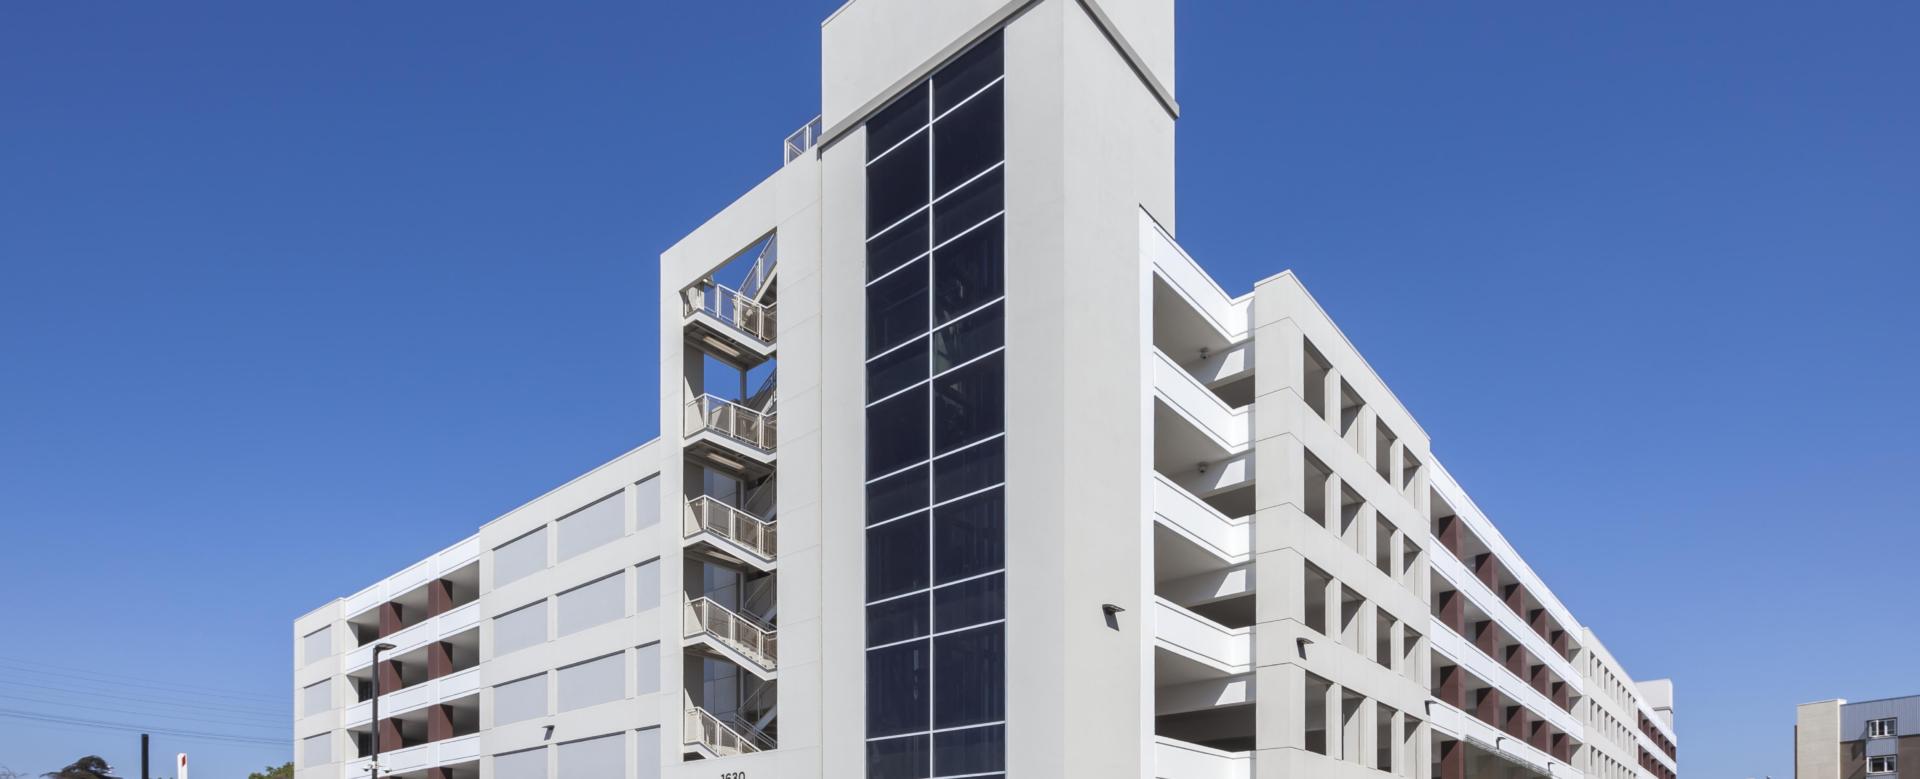 USC San Pablo Parking Structure